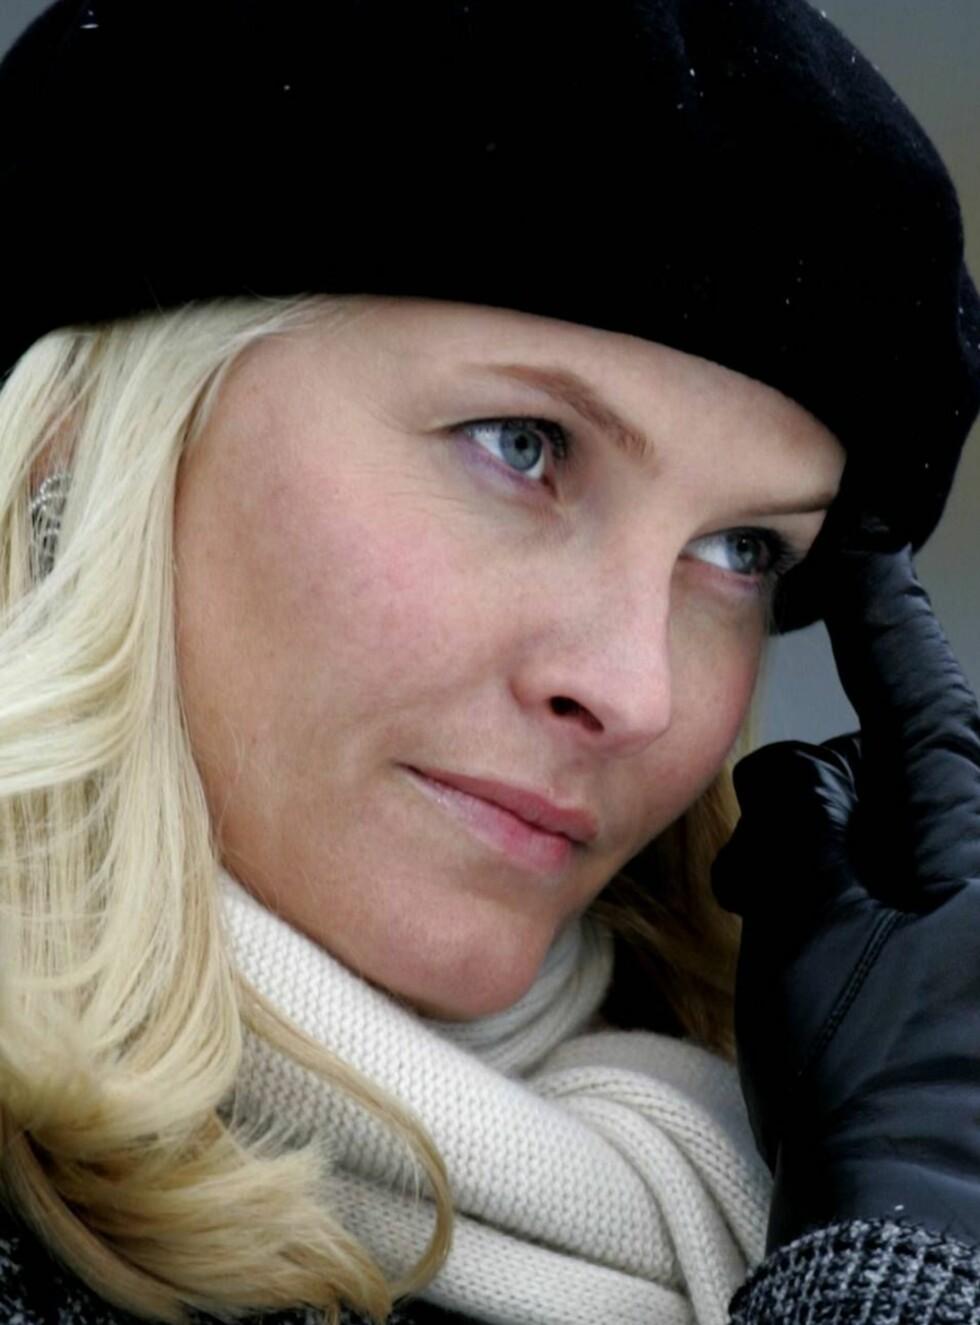 PARODIERT: Snutten av Pernille Sørensen som parodierer Mette-Marit er en av NRKs mest populære klikk. Mon tro hva Kronprinsessen syns om dette? Foto: SCANPIX